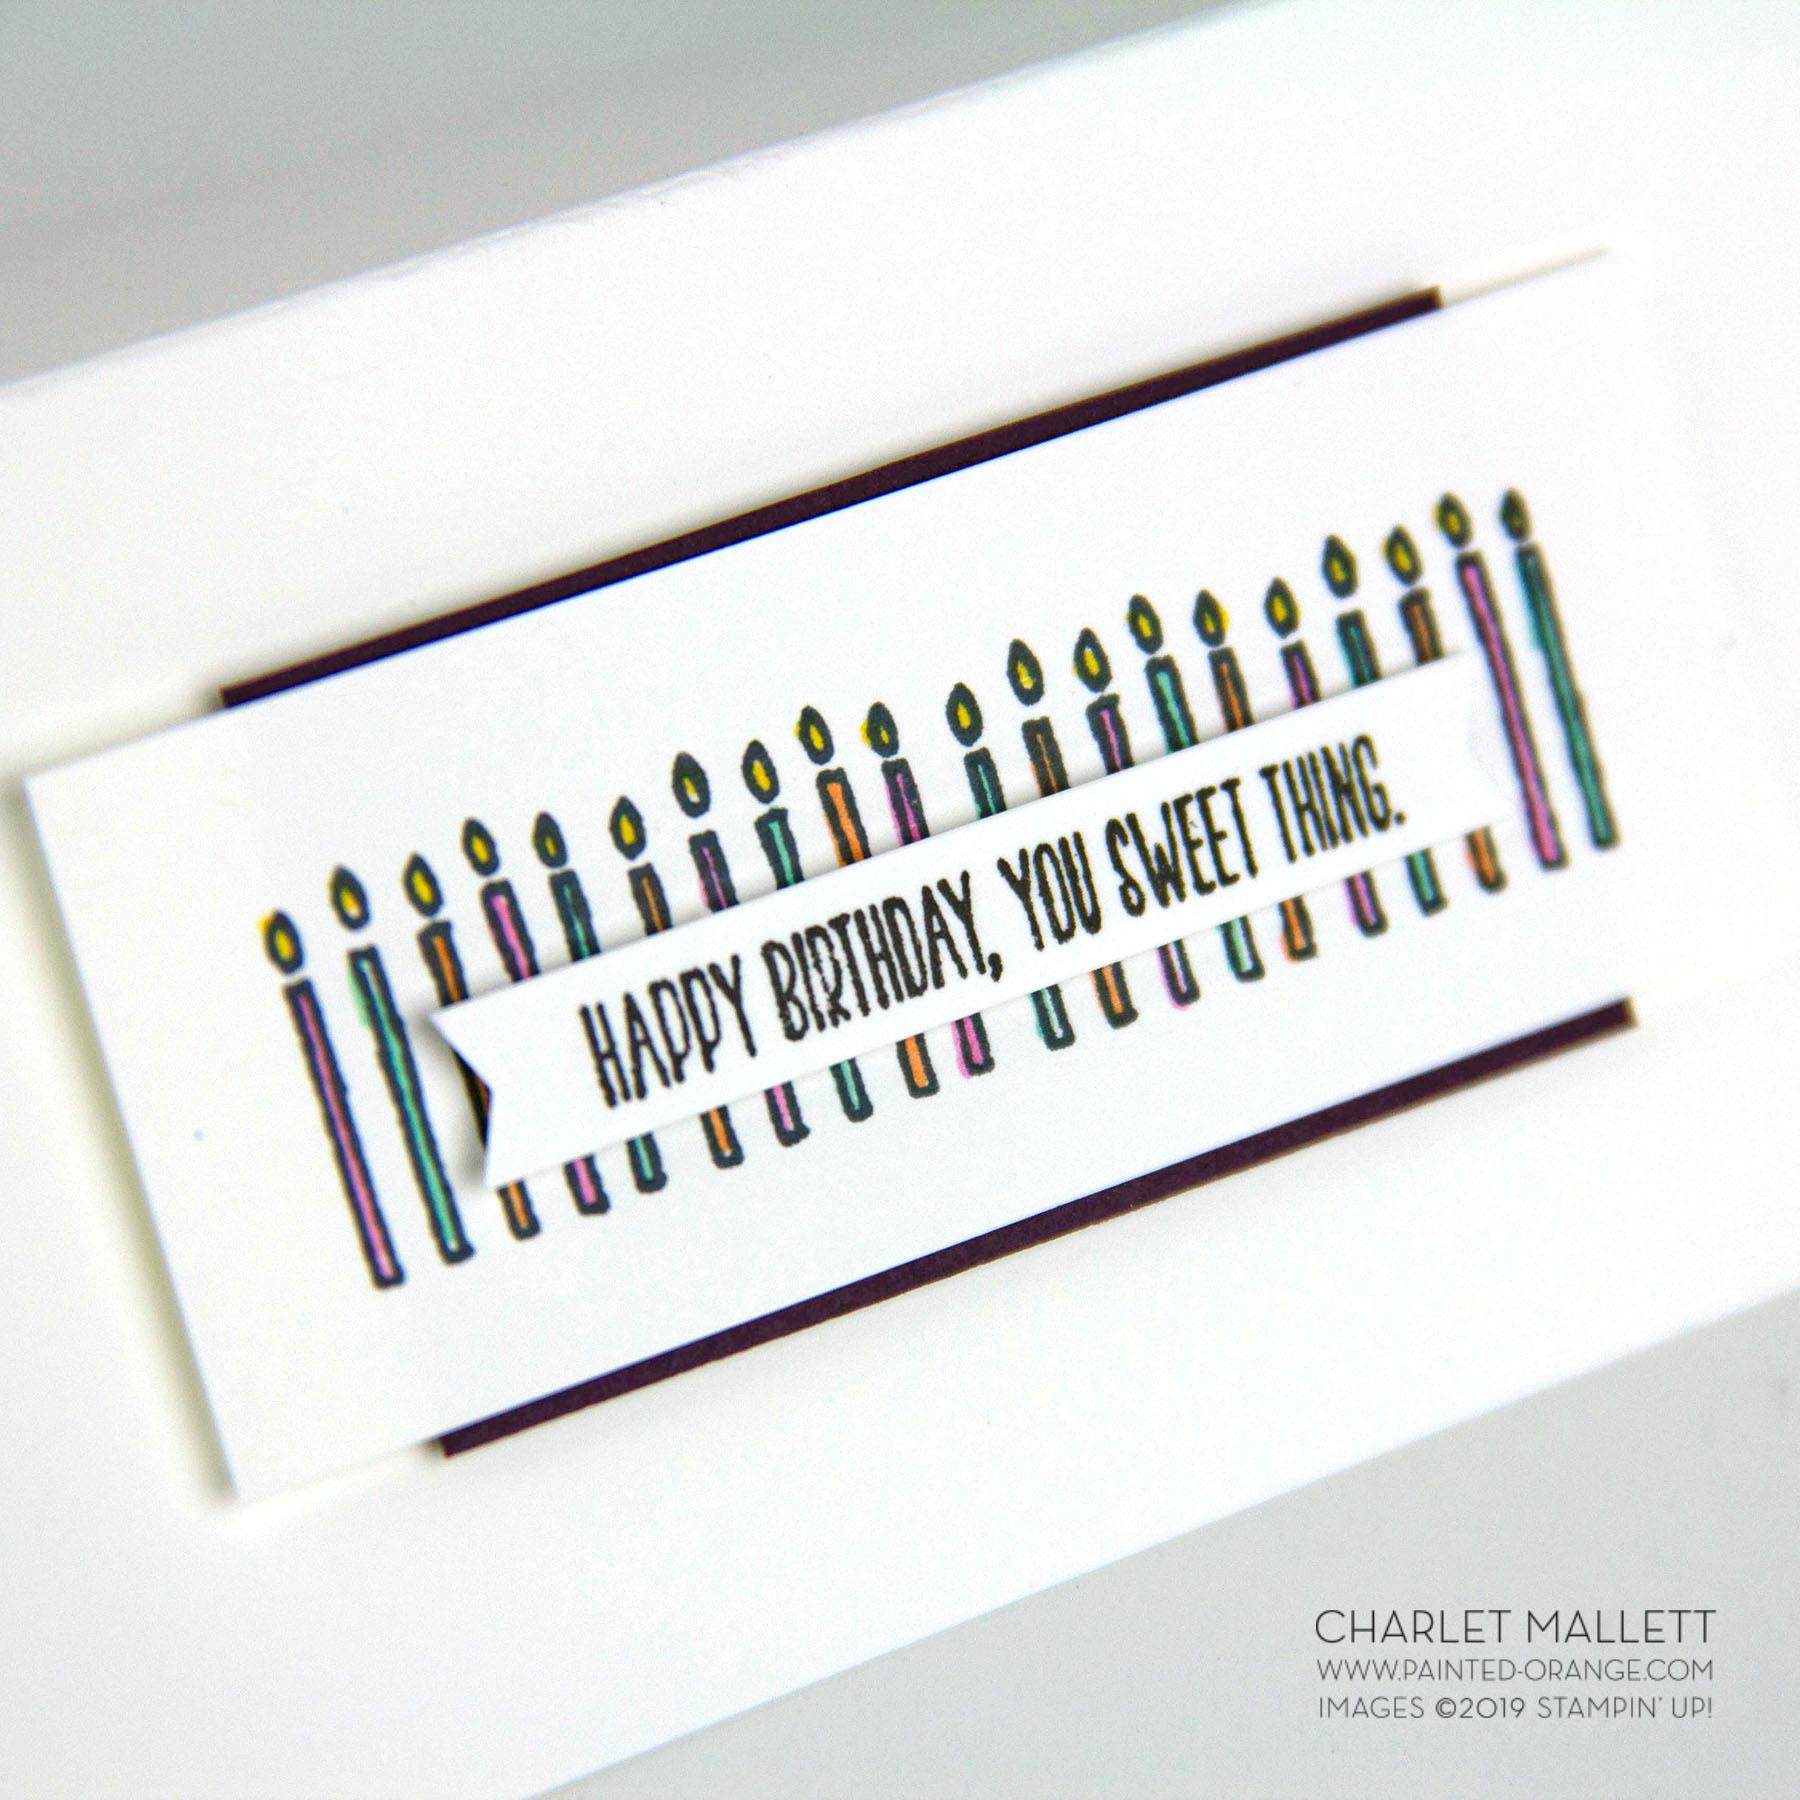 Cmallett (24 of 24).jpg